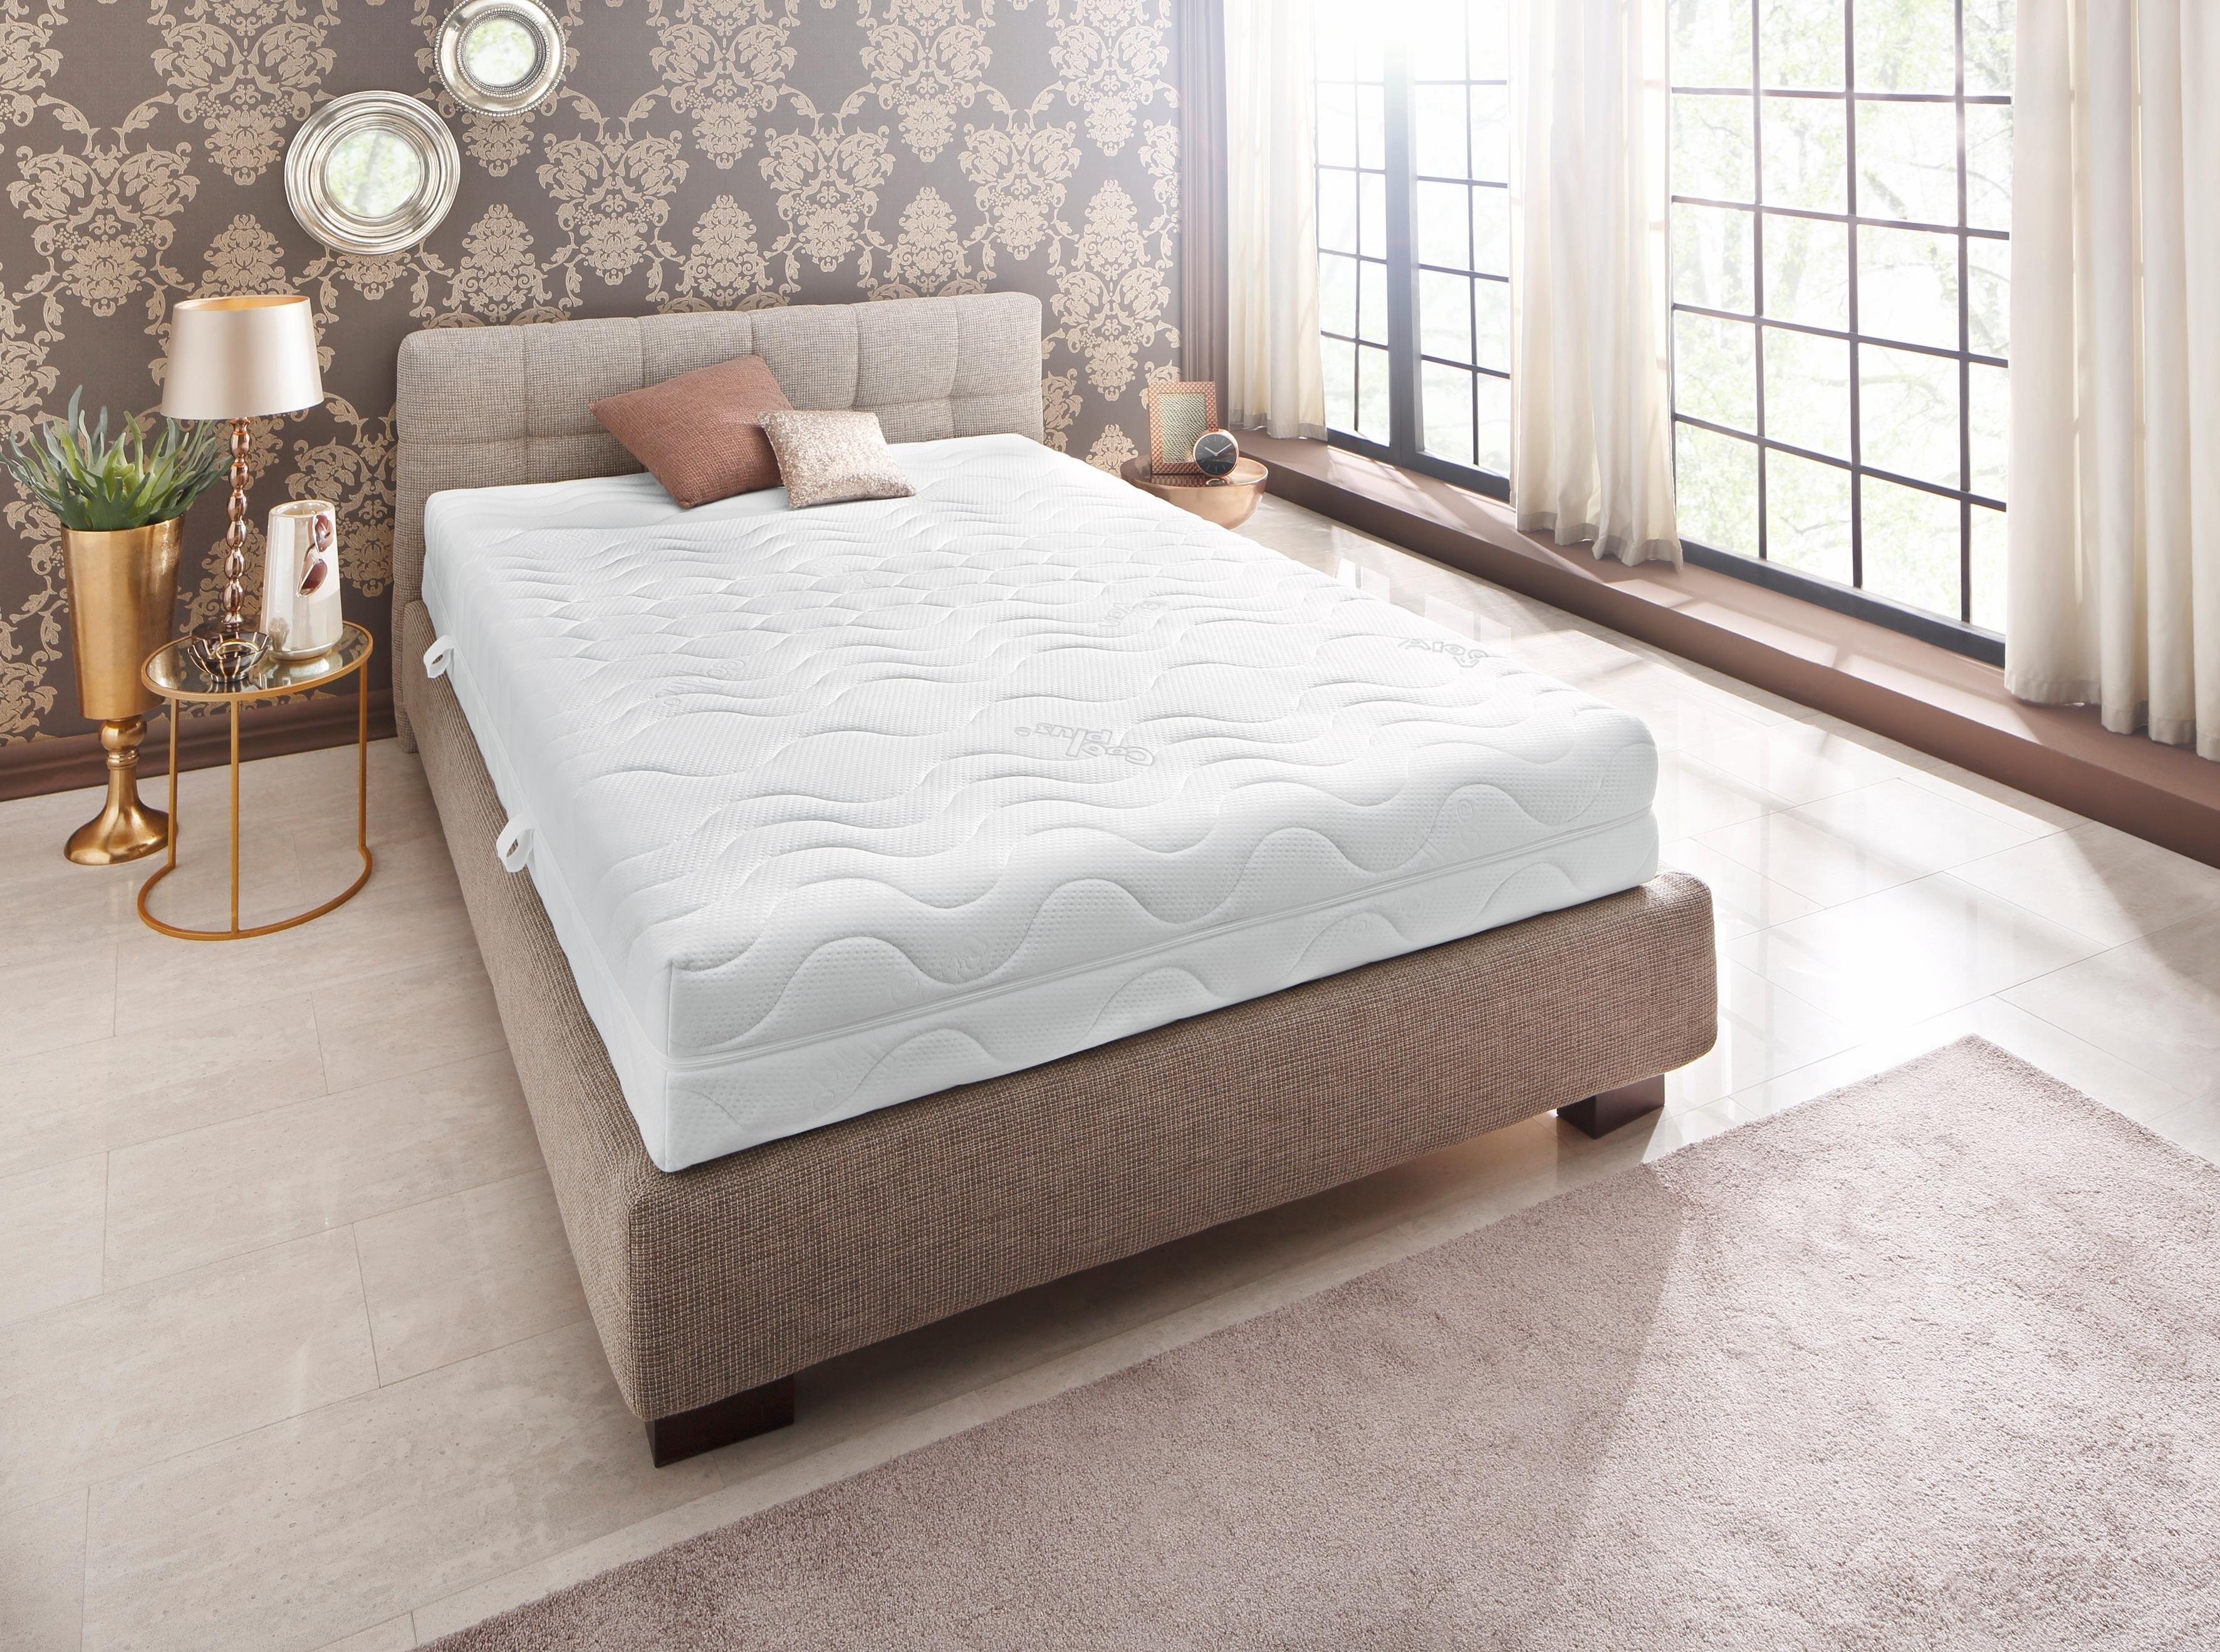 Beco EXCLUSIV comfortschuimmatras Premium cool plus Alles één prijs: 4 hardheden en 5 afmetingen hoogte 25 cm online kopen op otto.nl